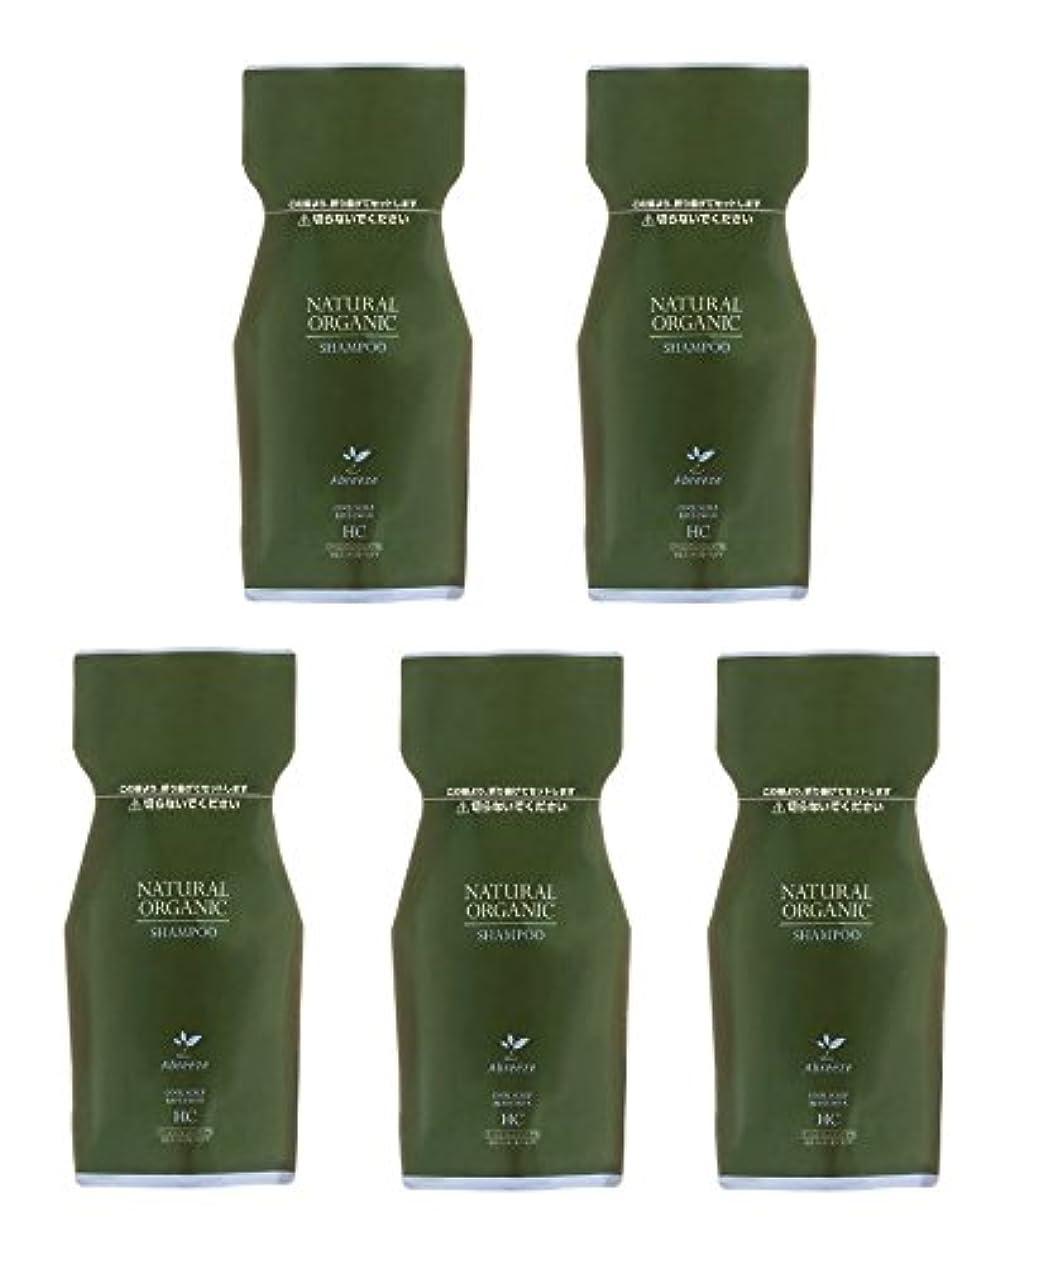 思われるマーケティング毎週【5個セット】 パシフィックプロダクツ アブリーゼ ナチュラルオーガニック シャンプー HC 600ml レフィル